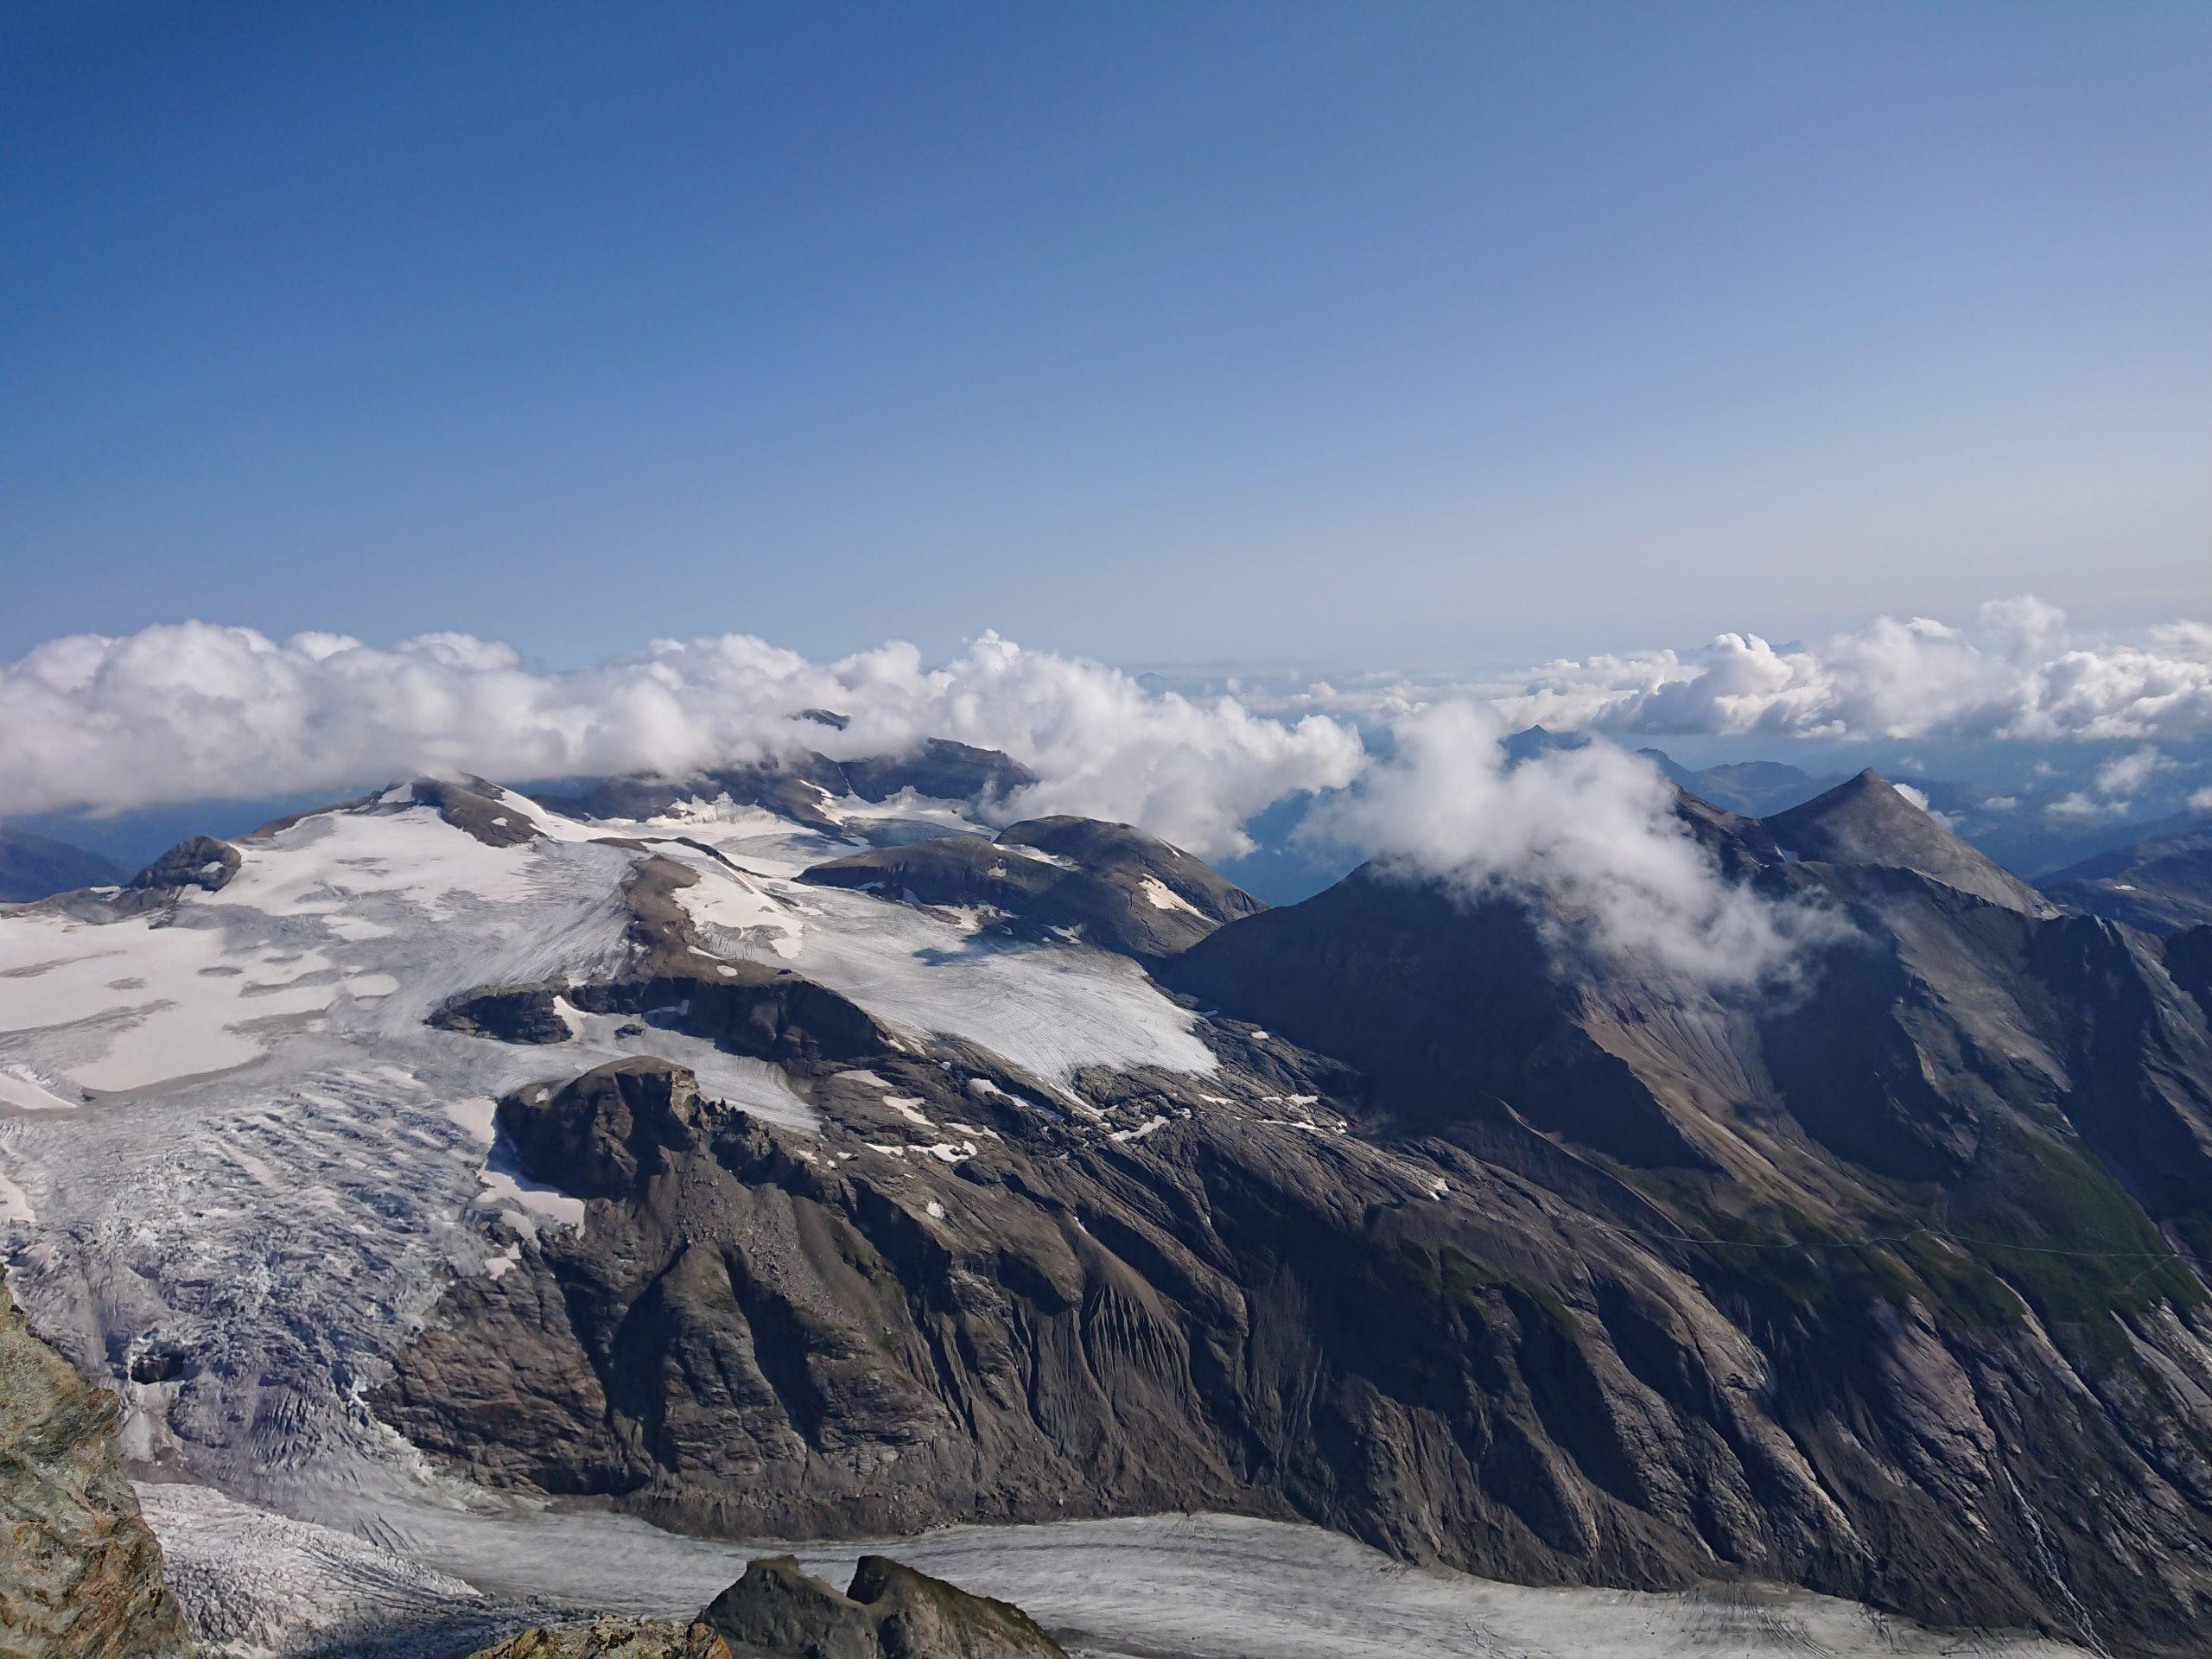 Peninų Alpės – Monte Rosa grupė